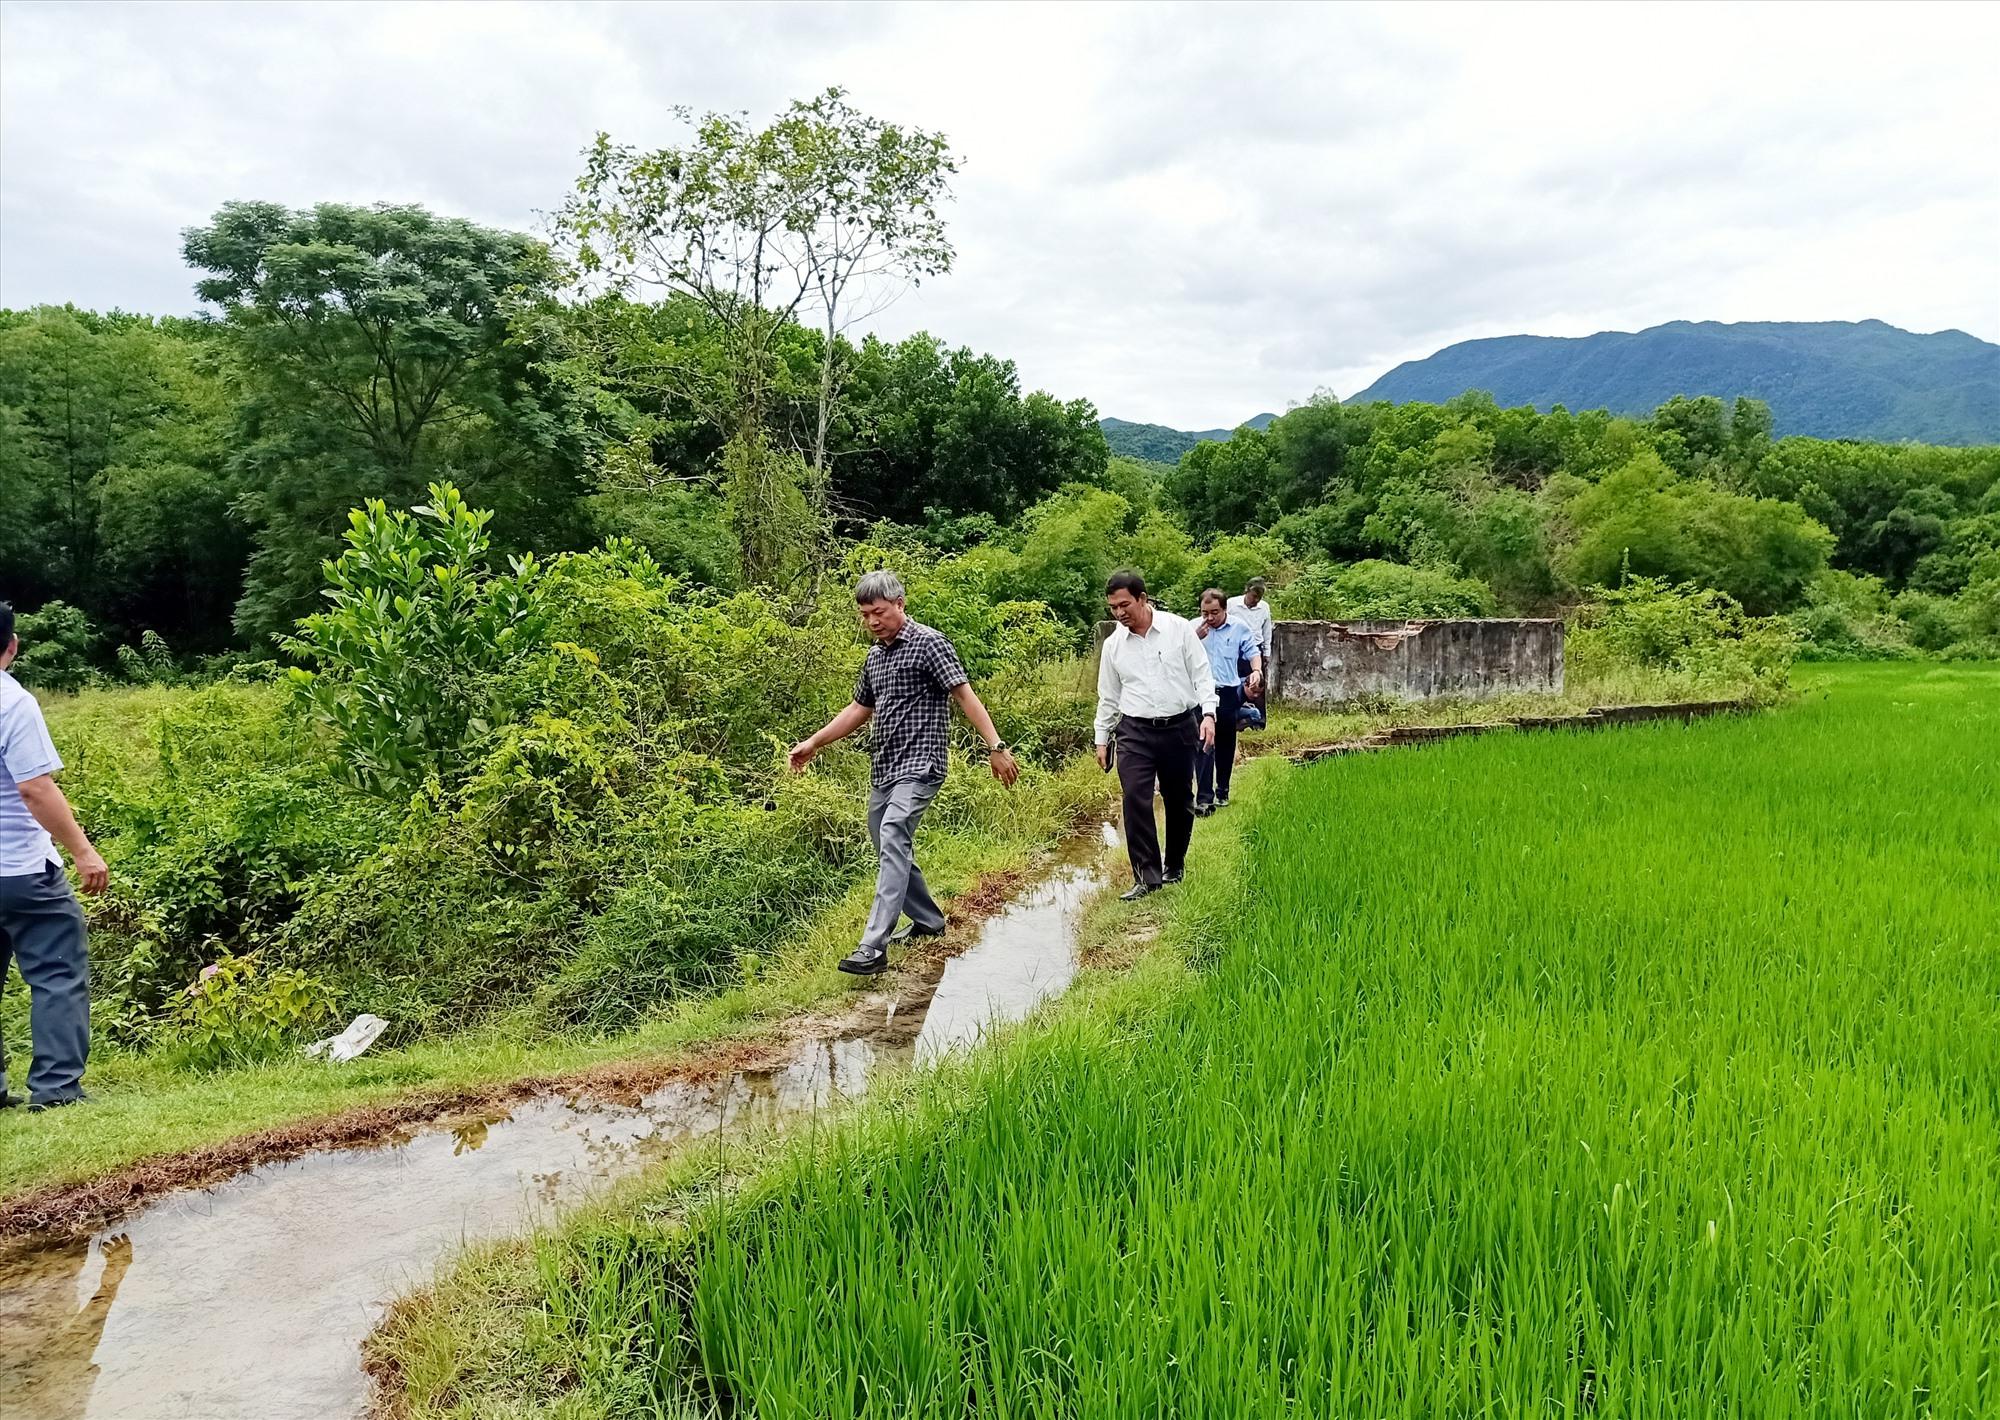 Phó Chủ tịch UBND tỉnh Hồ Quang Bửu khảo sát khu suối nước nóng Tây Viên, xã Sơn Viên, Nông Sơn. Ảnh: HOÀNG LIÊN